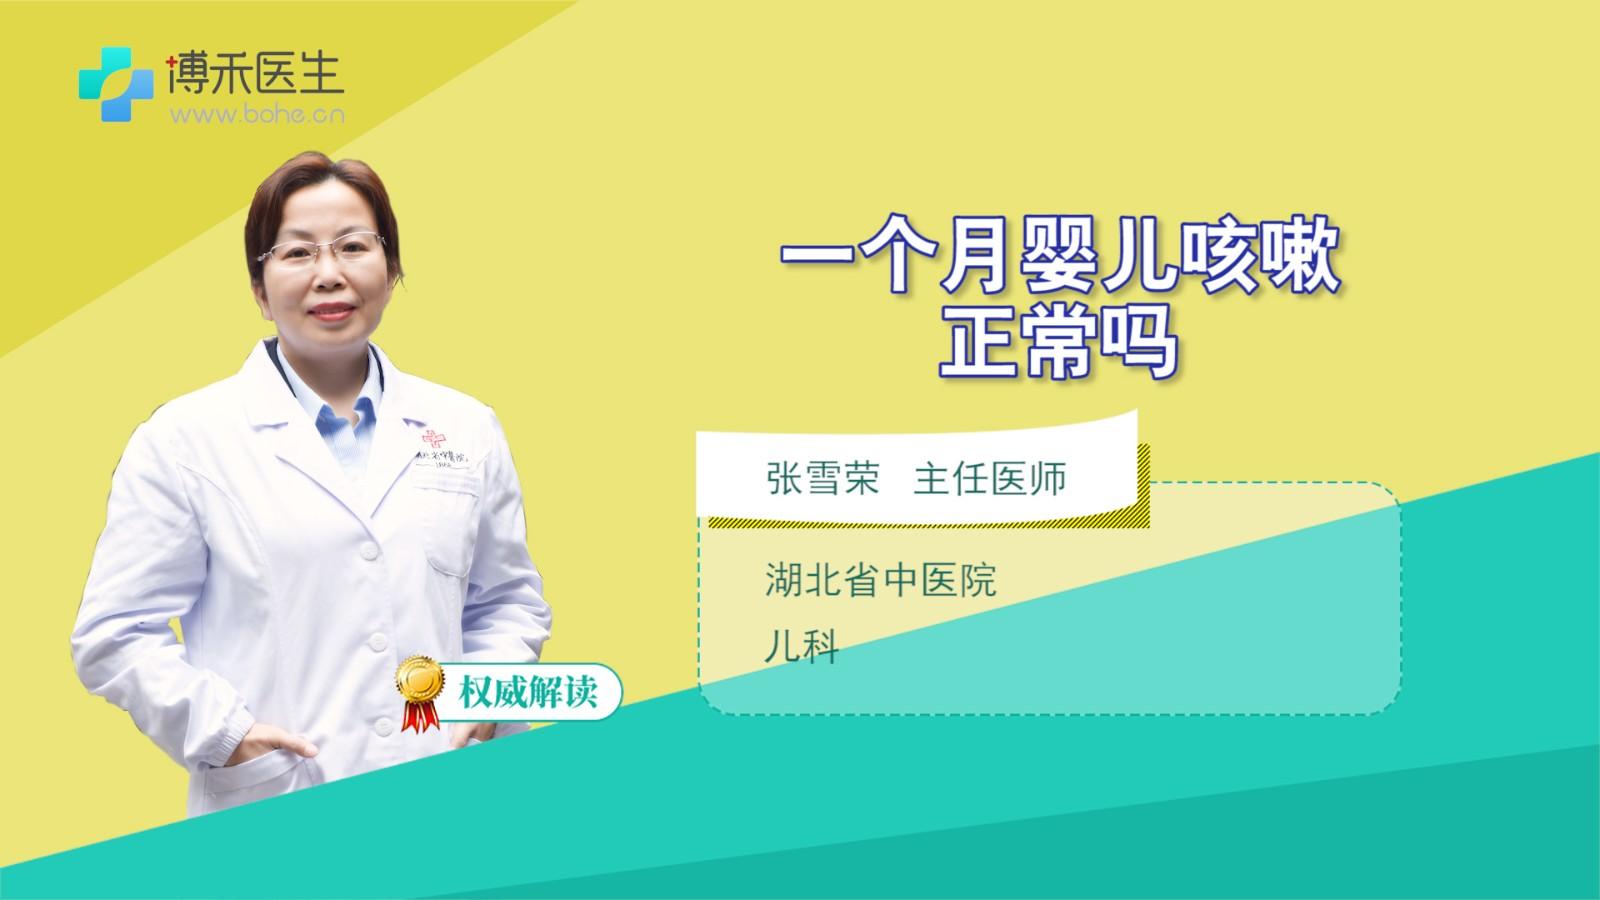 一個月嬰兒咳嗽正常嗎